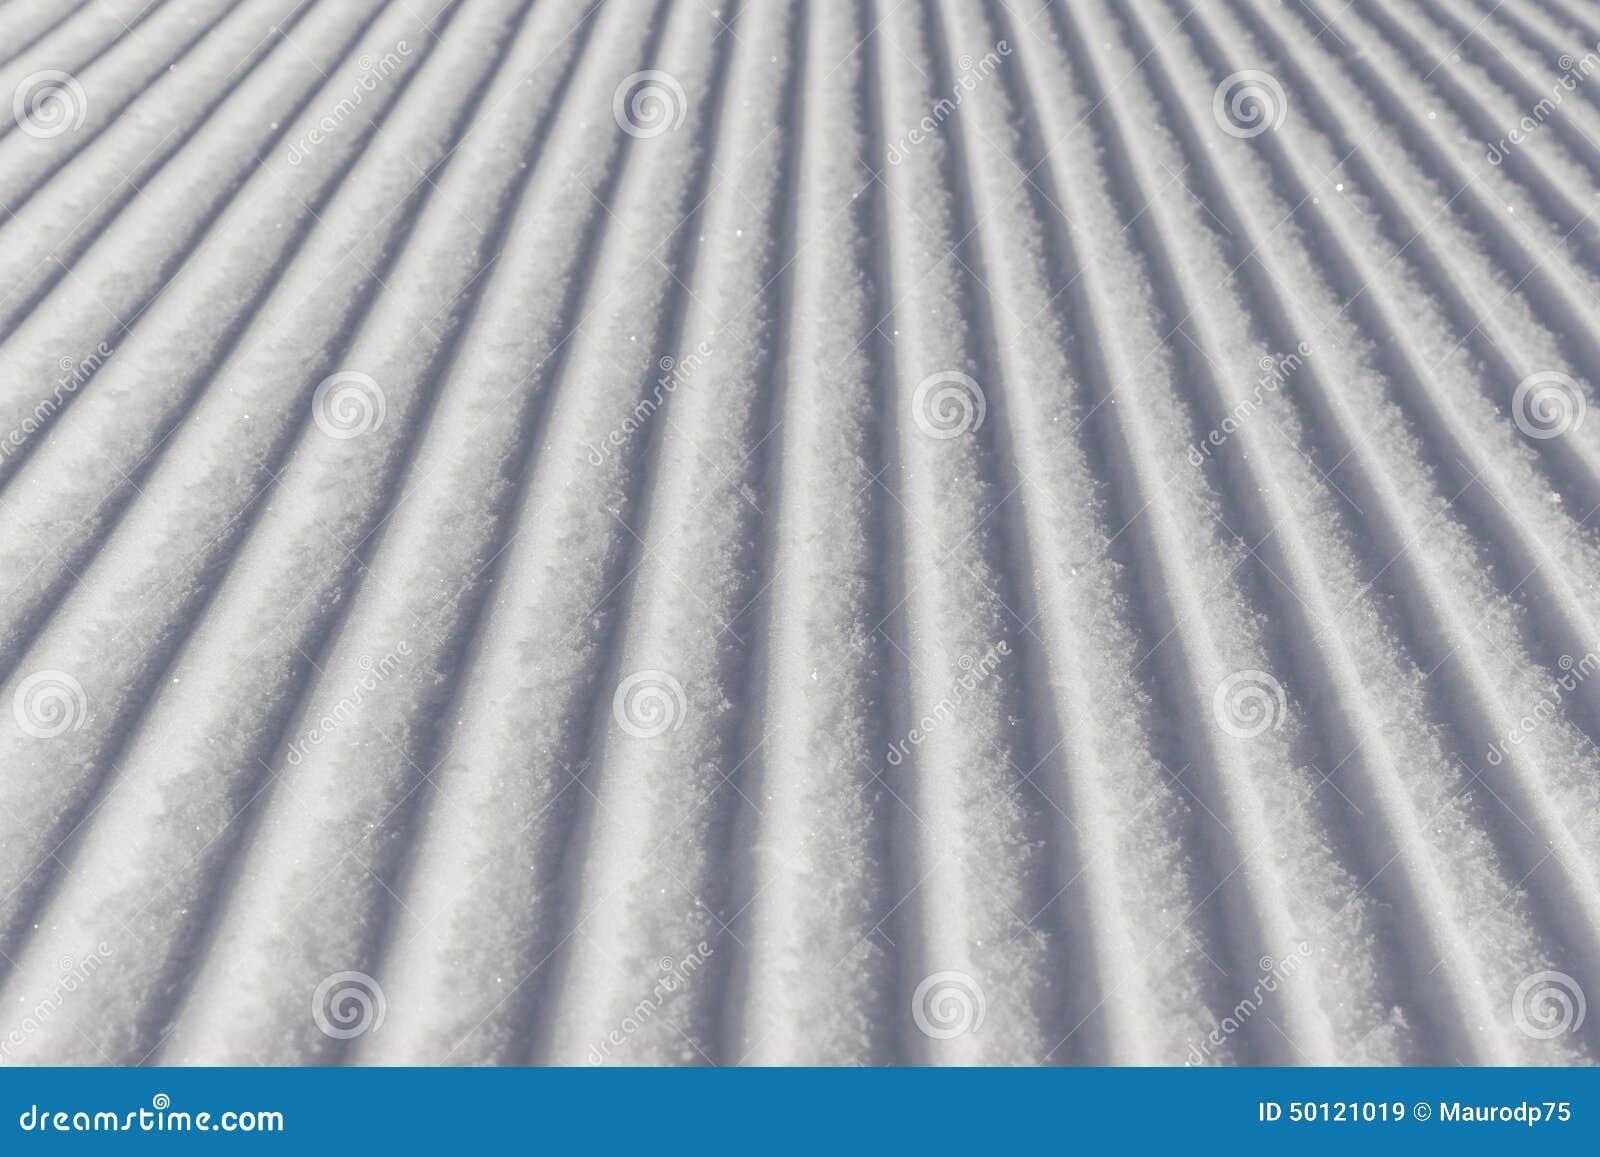 Het ski?en achtergrond - verse sneeuw op skihelling